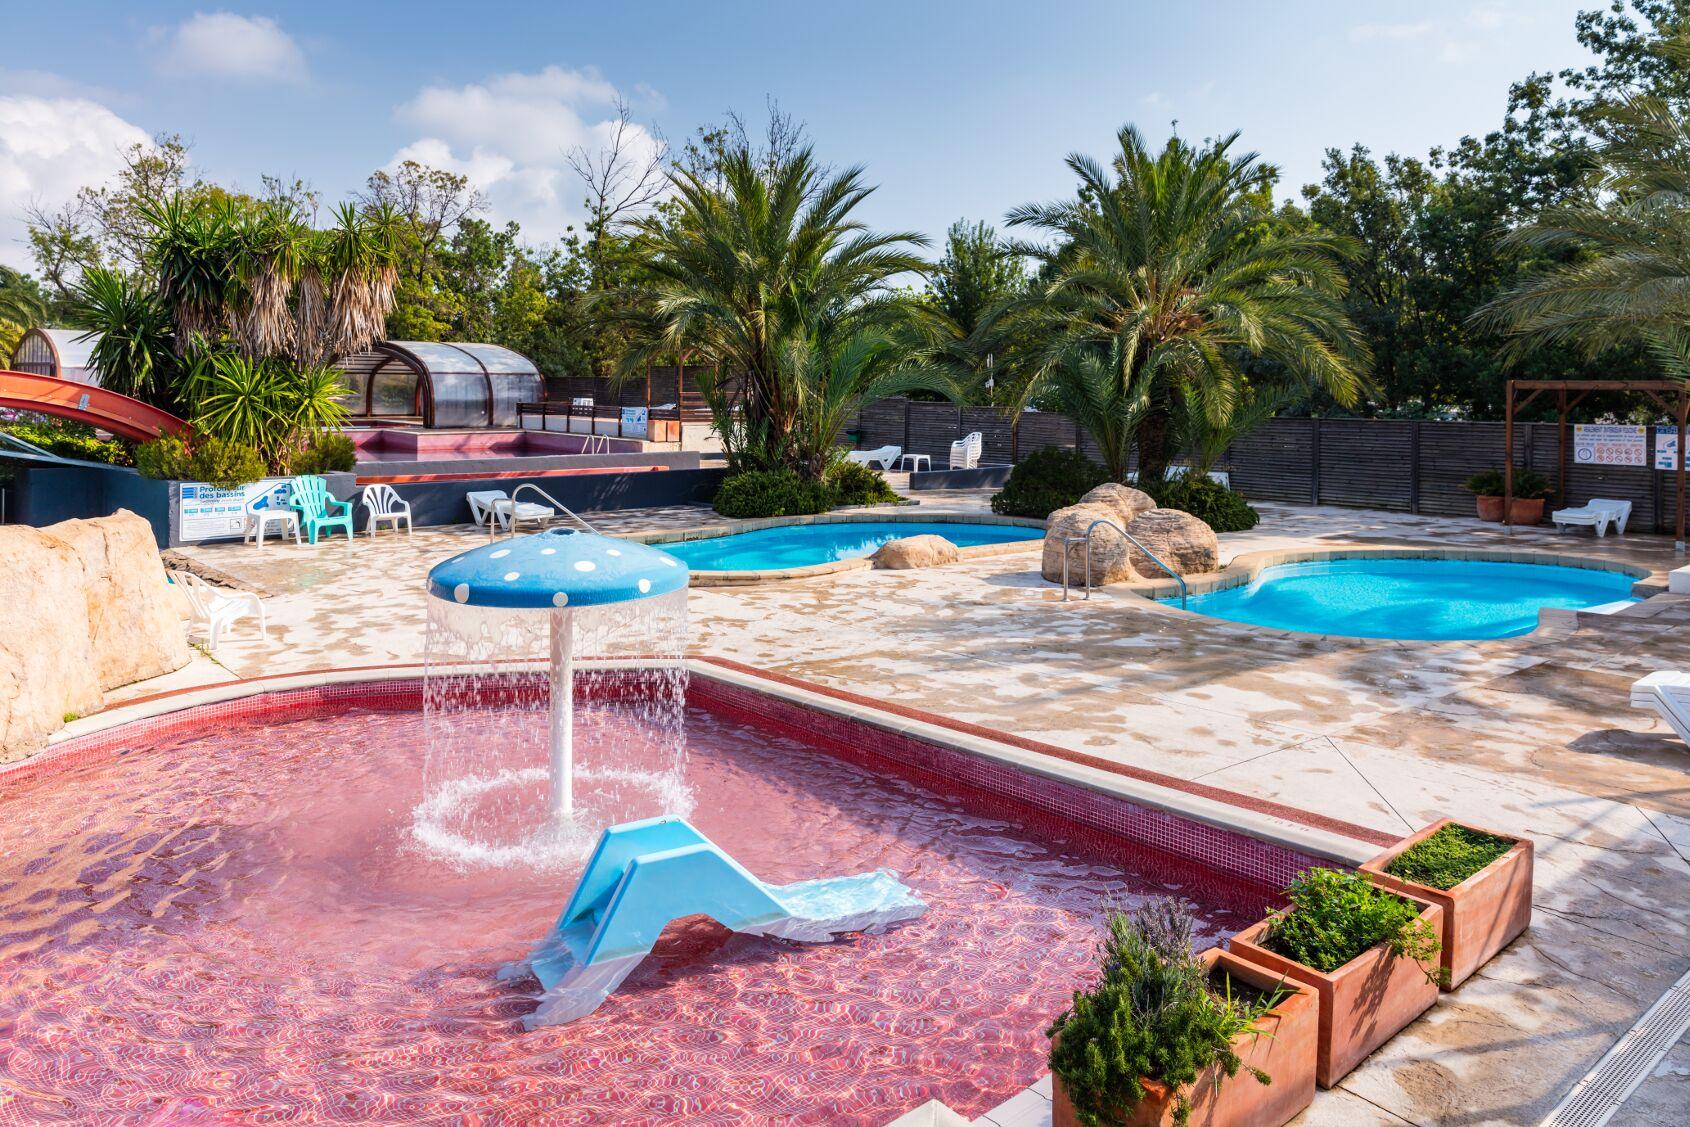 Camping Argelès Sur Mer Avec Piscine Et Parc Aquatique ... à Camping Argeles Sur Mer Avec Piscine